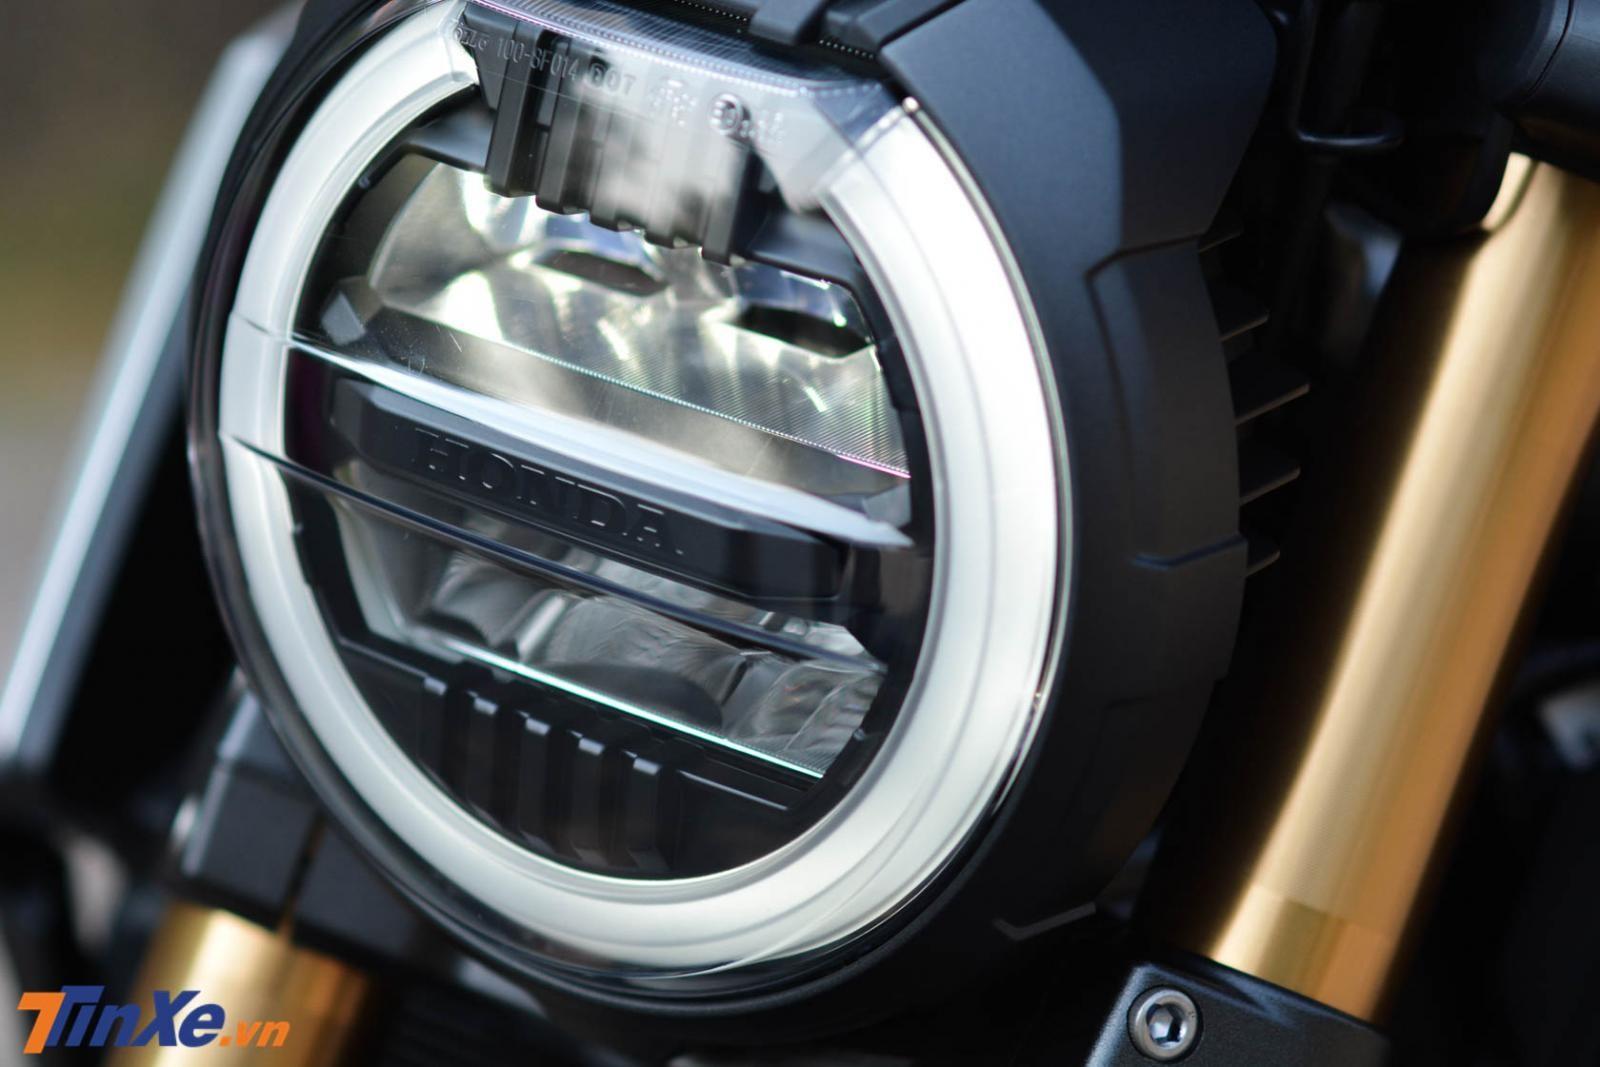 Bên trong là cụm đèn pha 2 tầng và sử dụng đèn Ful Led